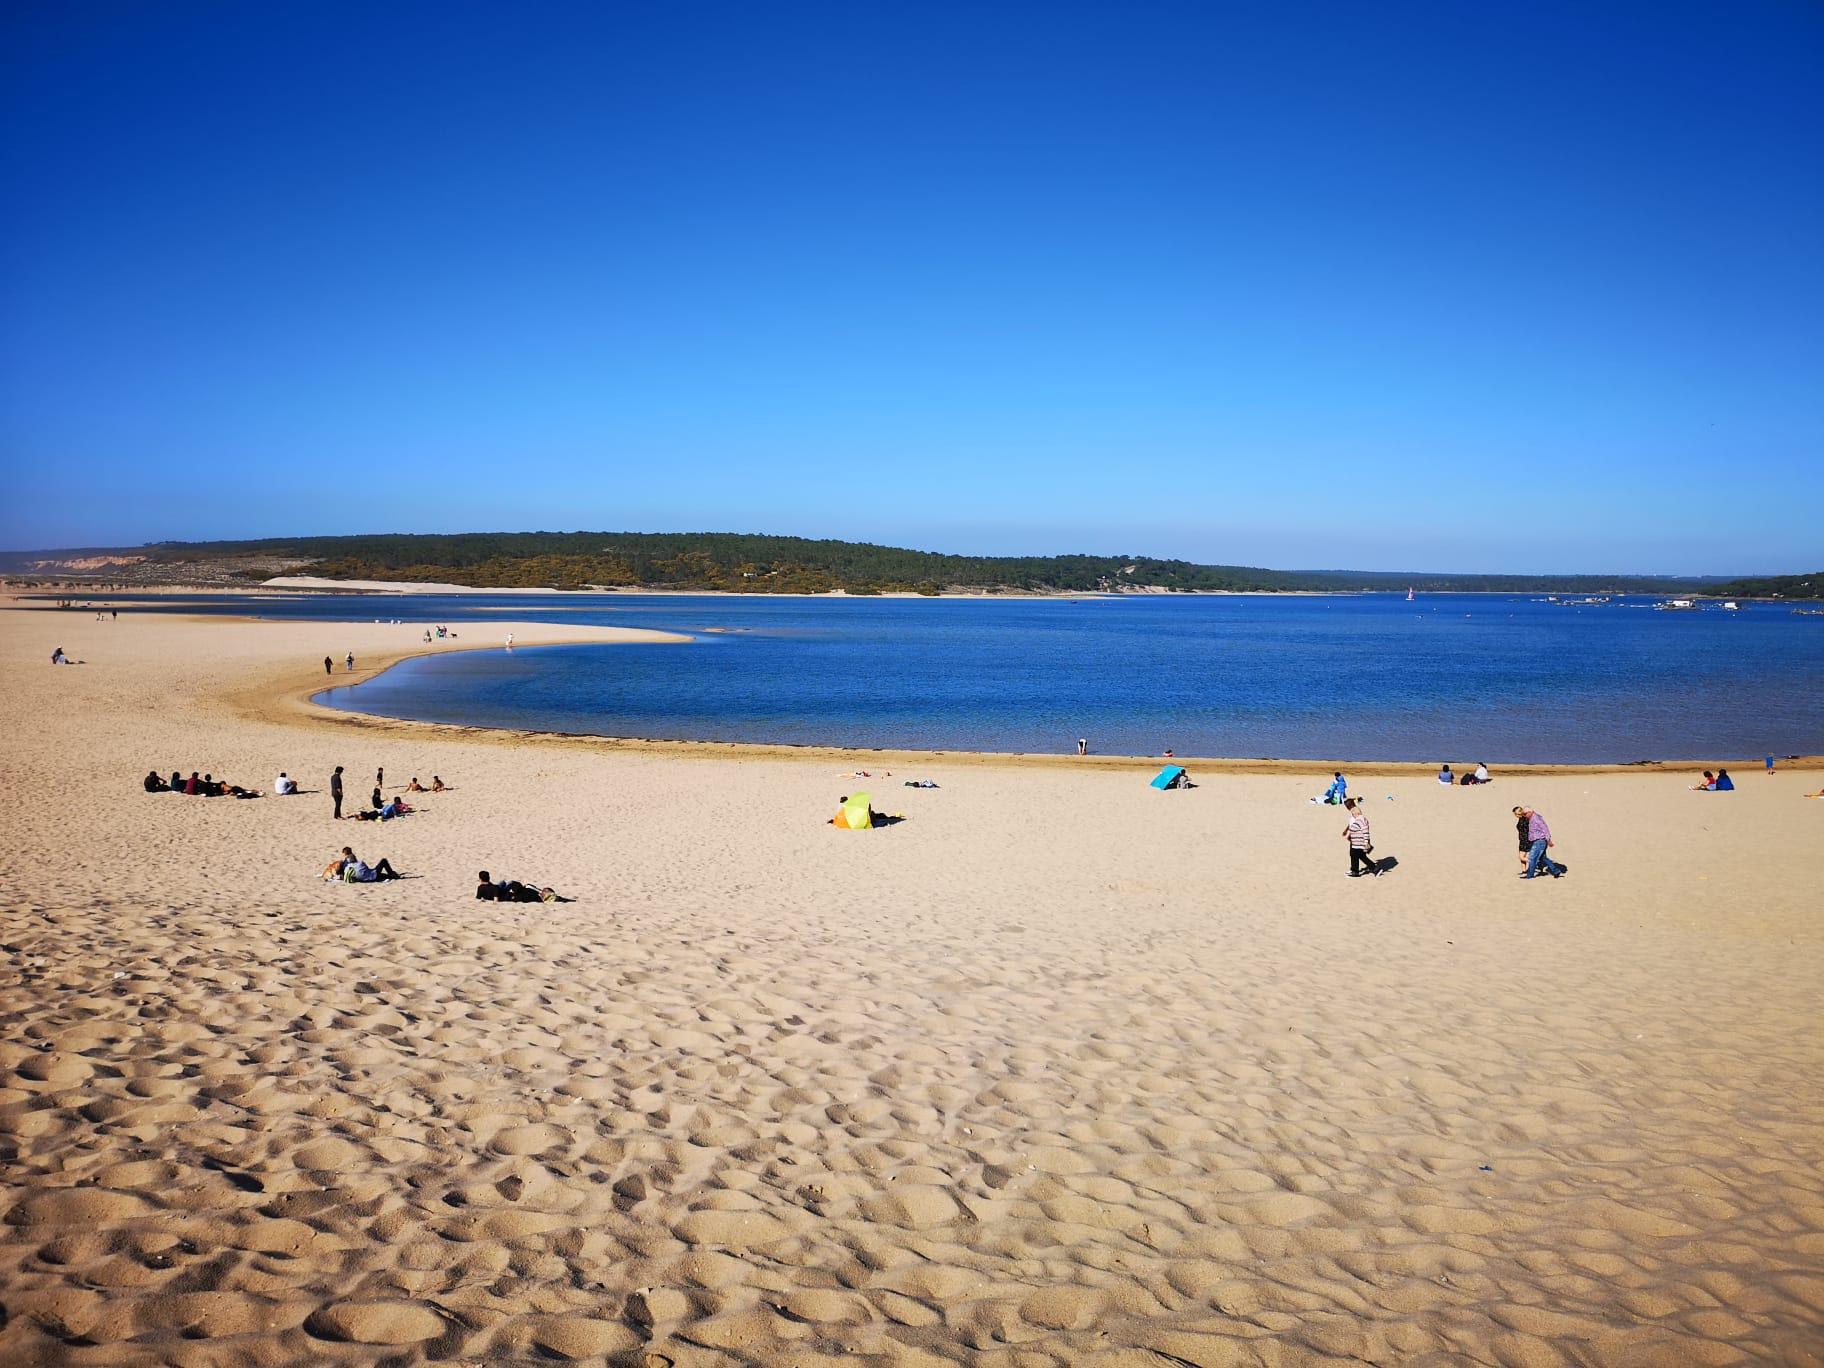 Lagoa de Albufeira est le lieu idéale en famille ou entre ami(e)s, une eau calme et reposante